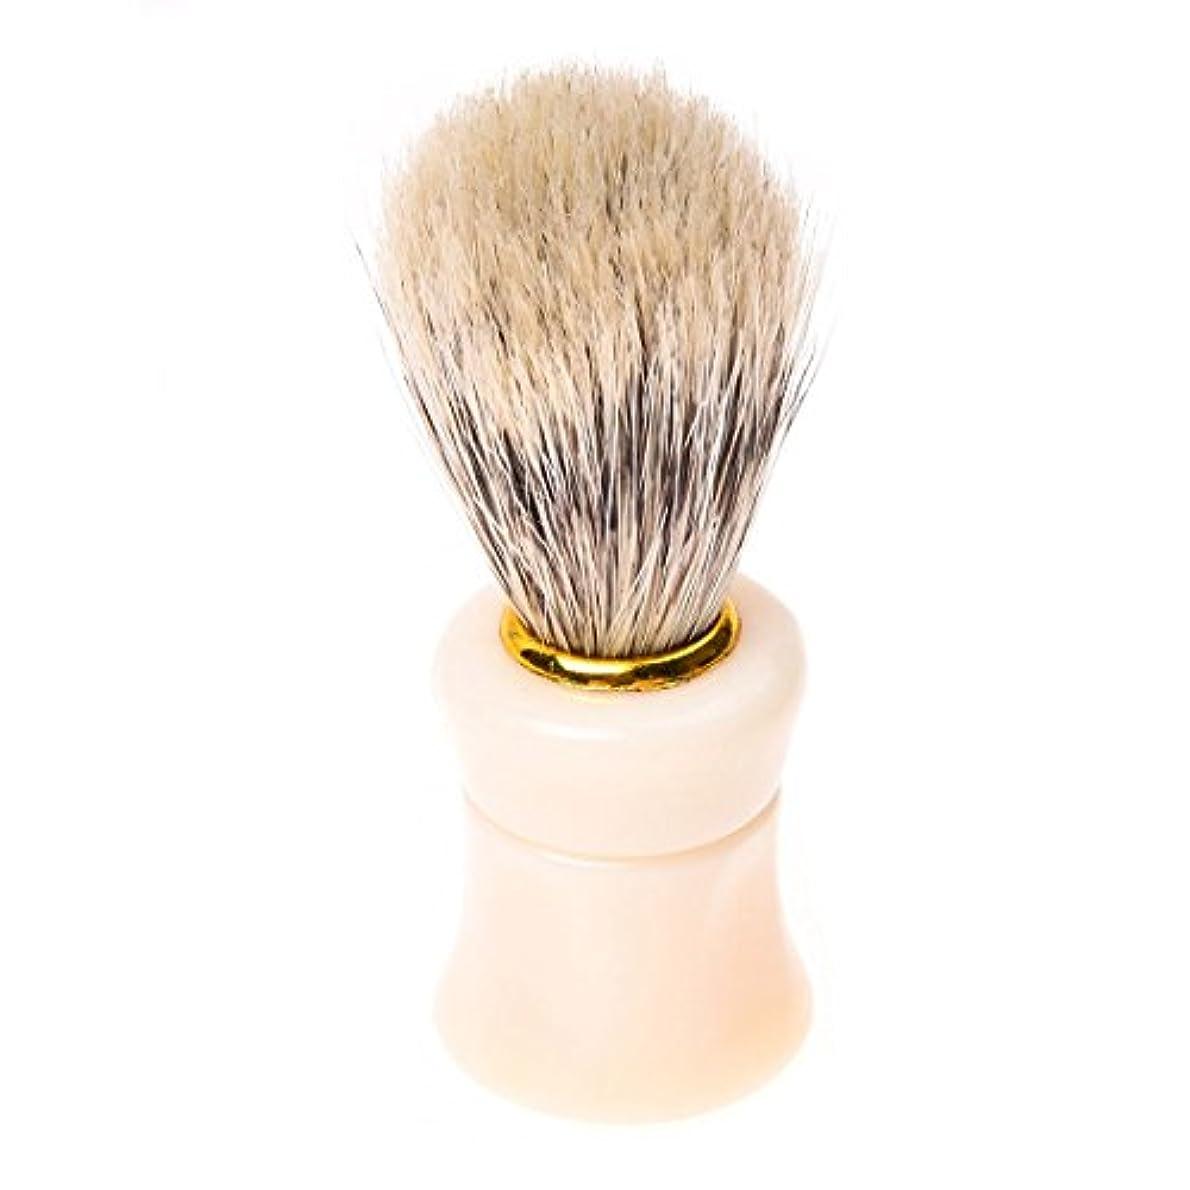 信条知覚できる日没ACAMPTAR 1個シェイビングシェービングブラシプラスチック製のハンドル+ブタの猪毛皮のひげの口ひげのブラシベージュ